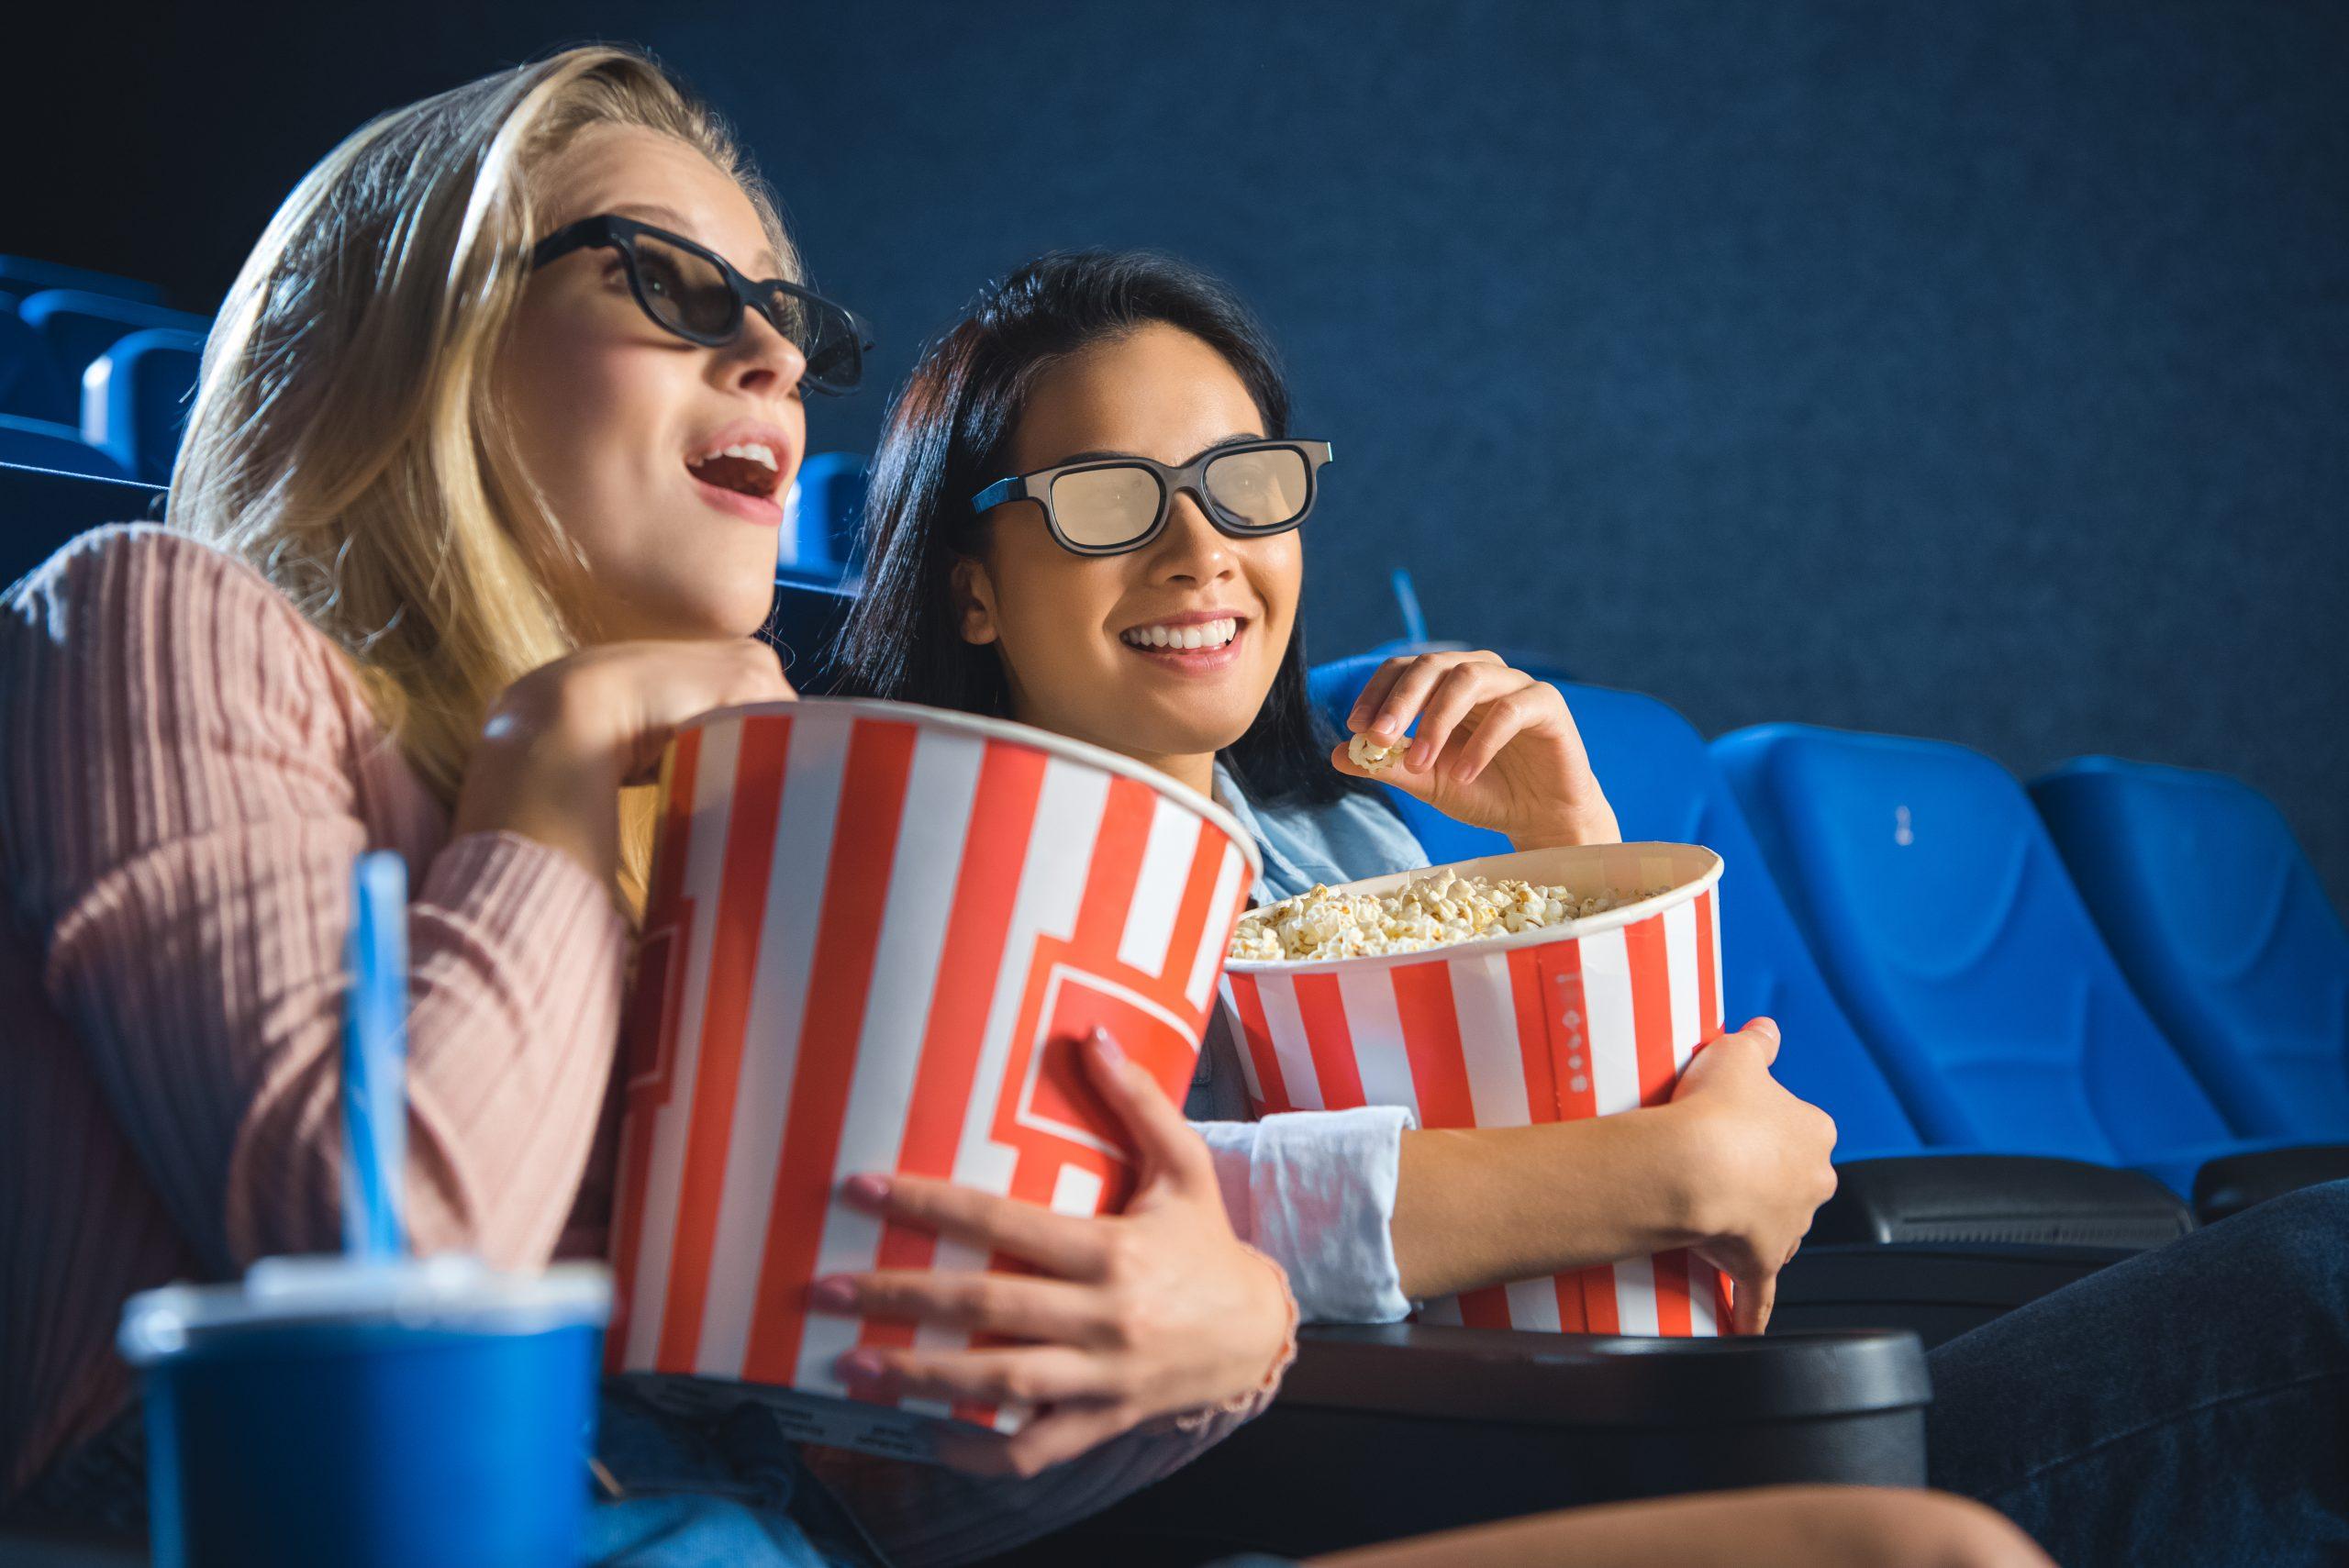 Women watching a film